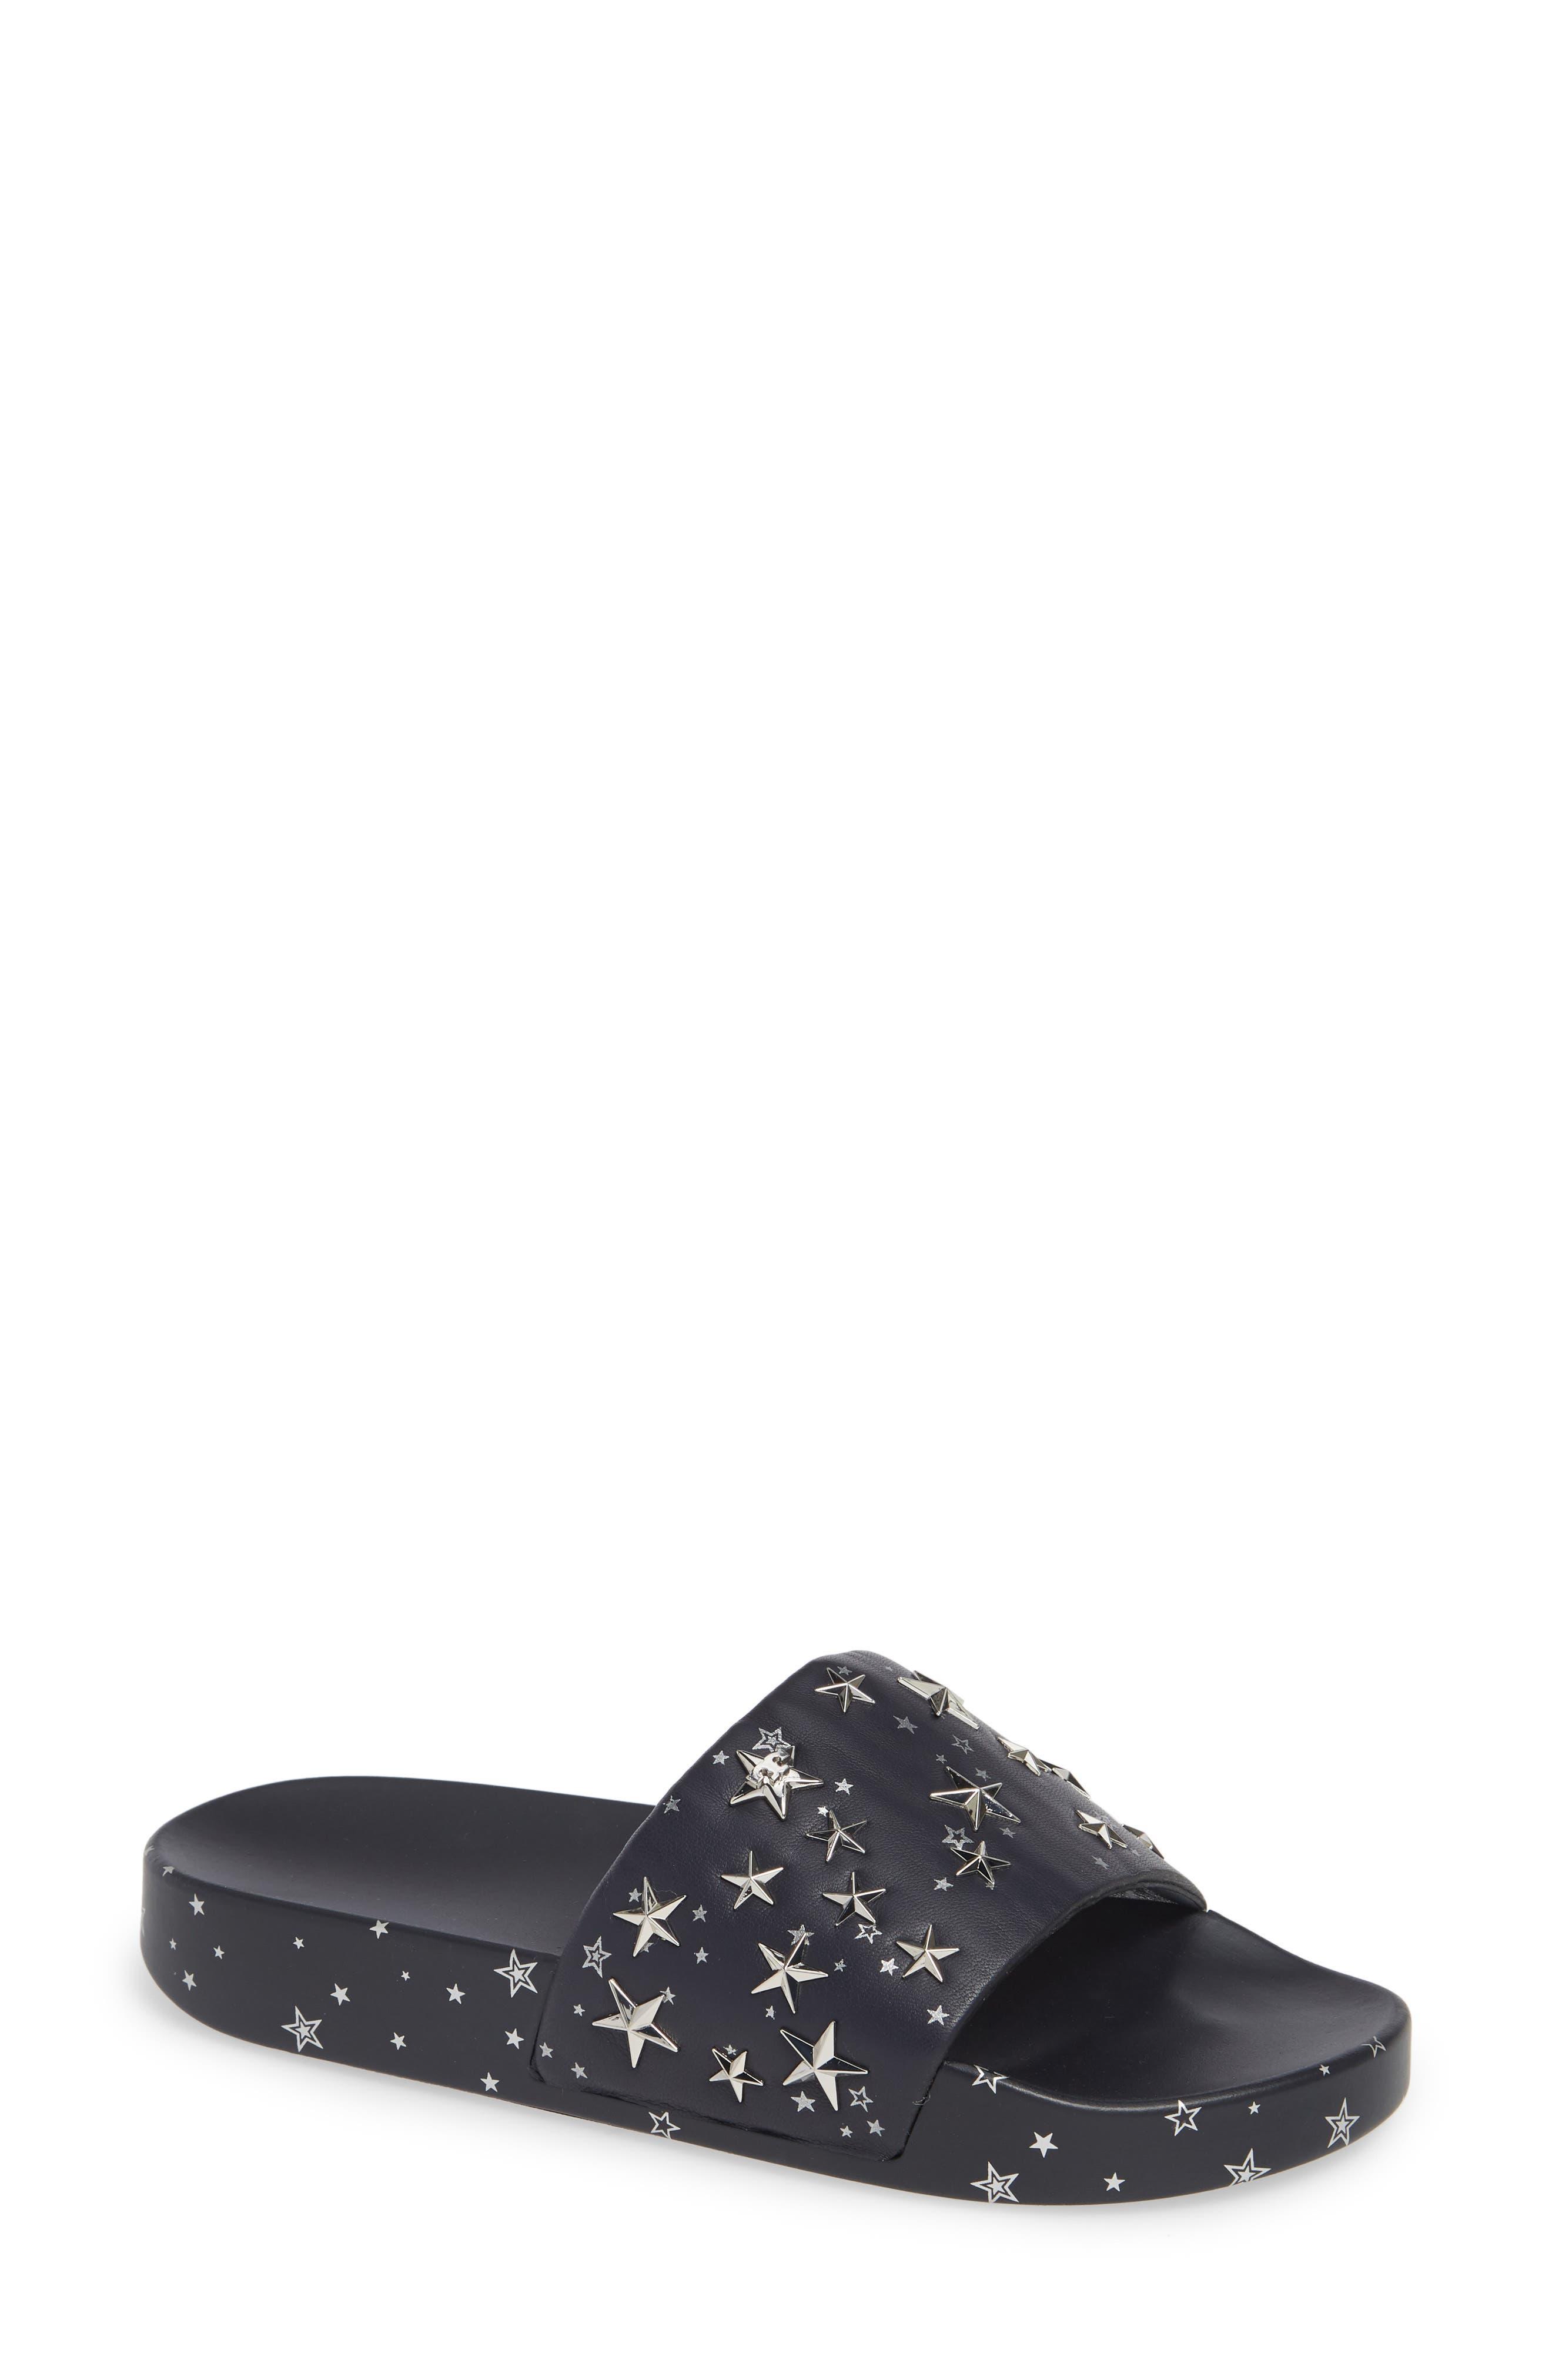 Tory Burch Studded Star Slide Sandal, Blue